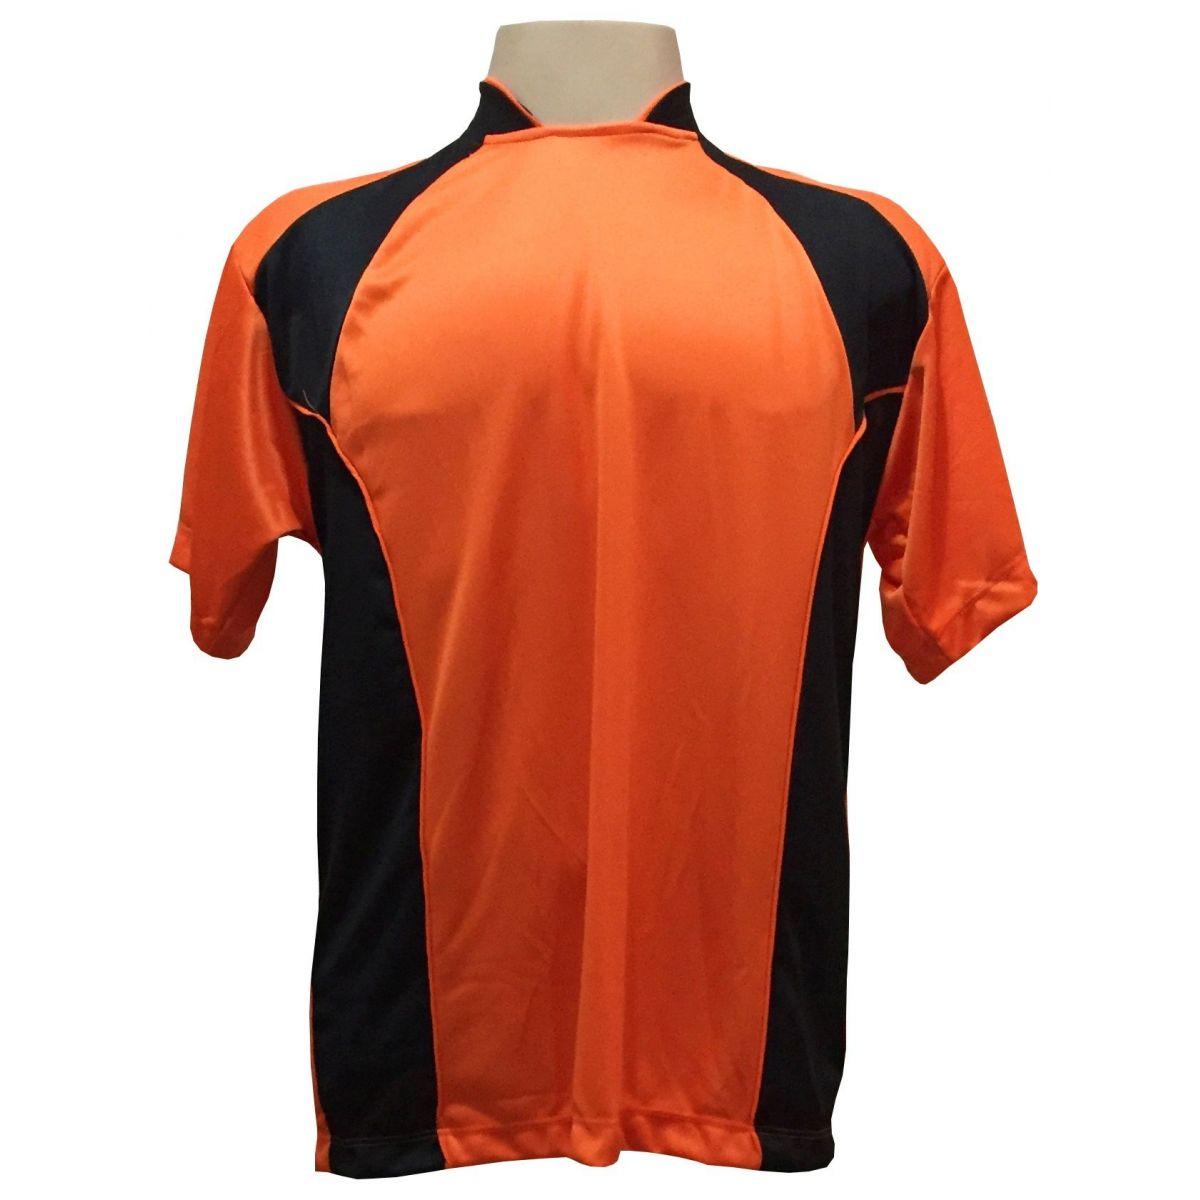 Uniforme Esportivo com 14 camisas modelo Suécia Laranja/Preto + 14 calções modelo Madrid Preto + 14 pares de meiões Laranja